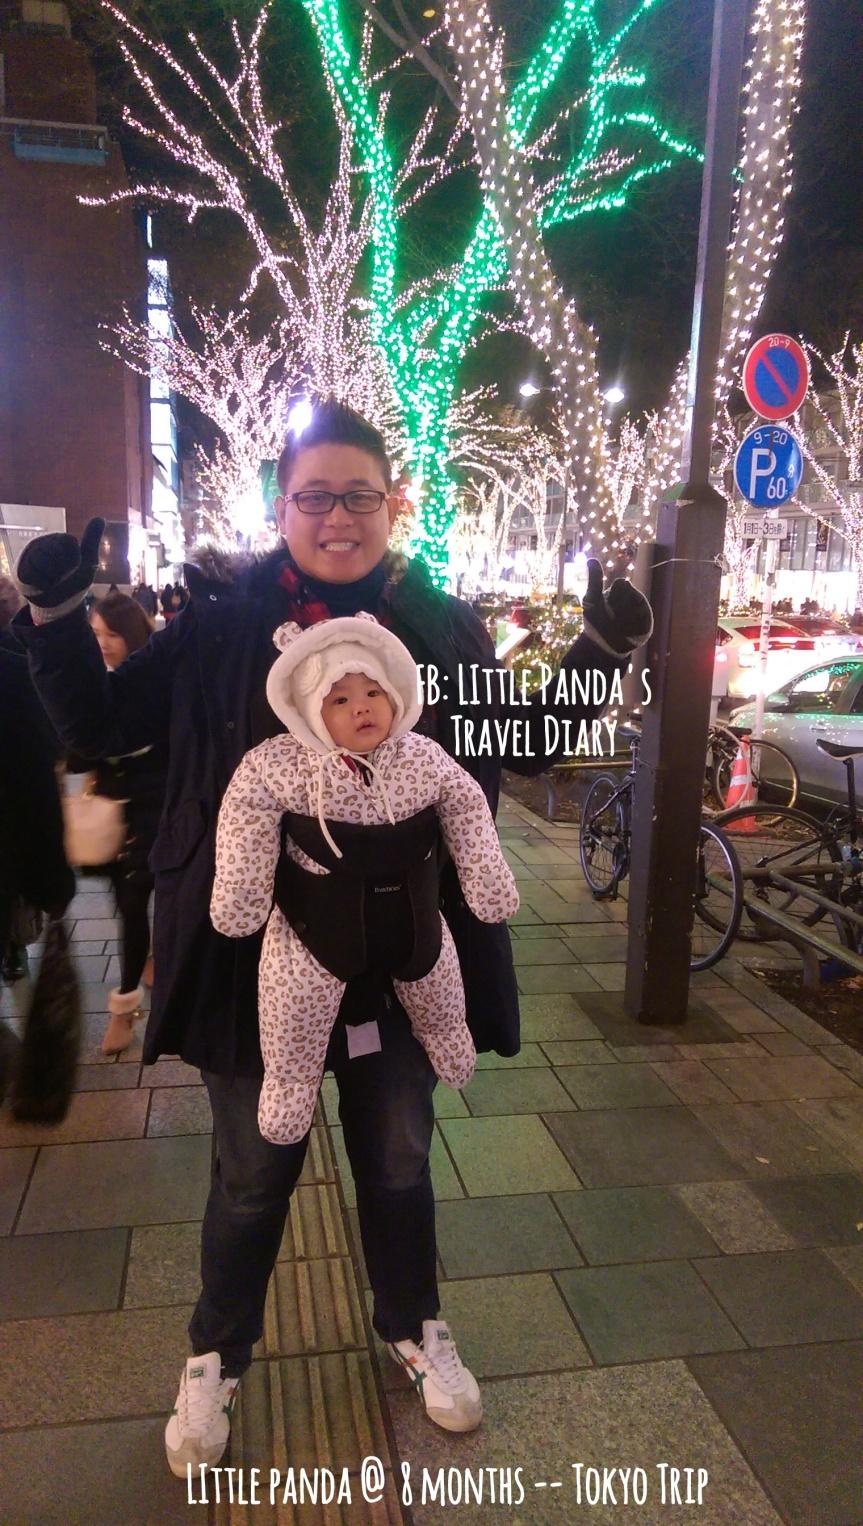 14 เดือน กับ 14 ทริปของเราสามคน | 14 months & 14 trips with ourLittlePanda